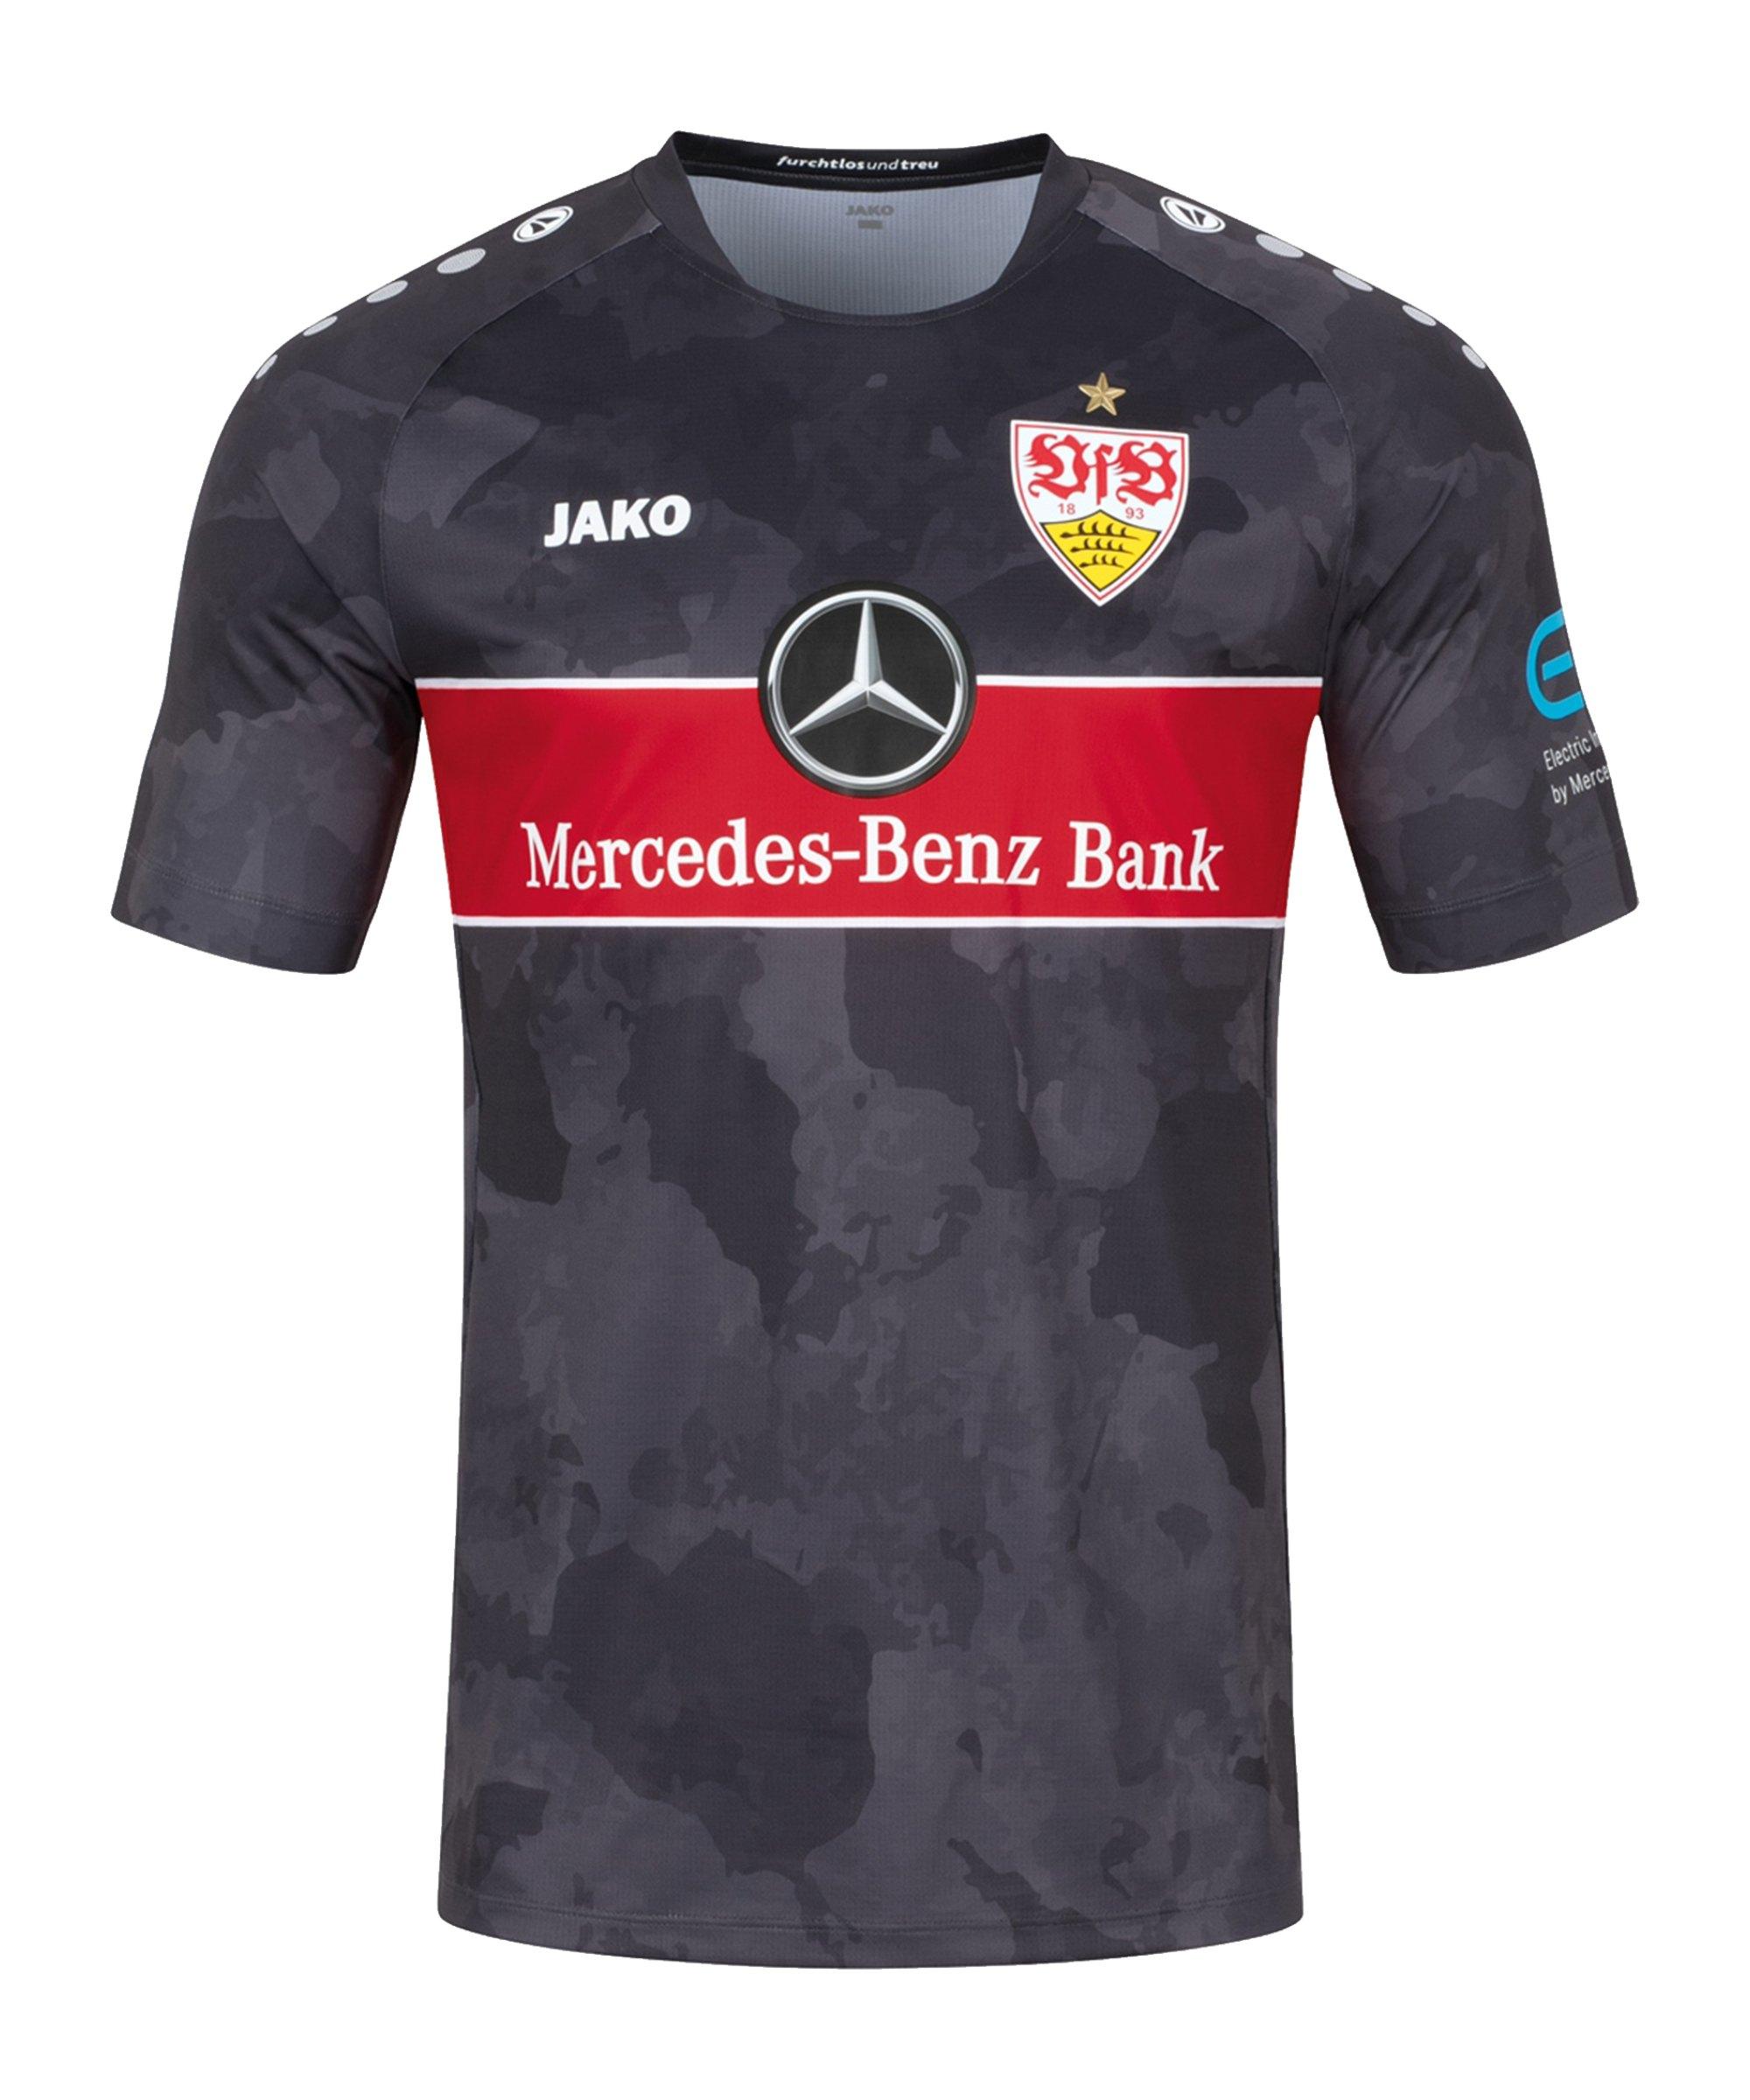 JAKO VfB Stuttgart Trikot 3rd 2021/2022 Kids Grau F683 - grau